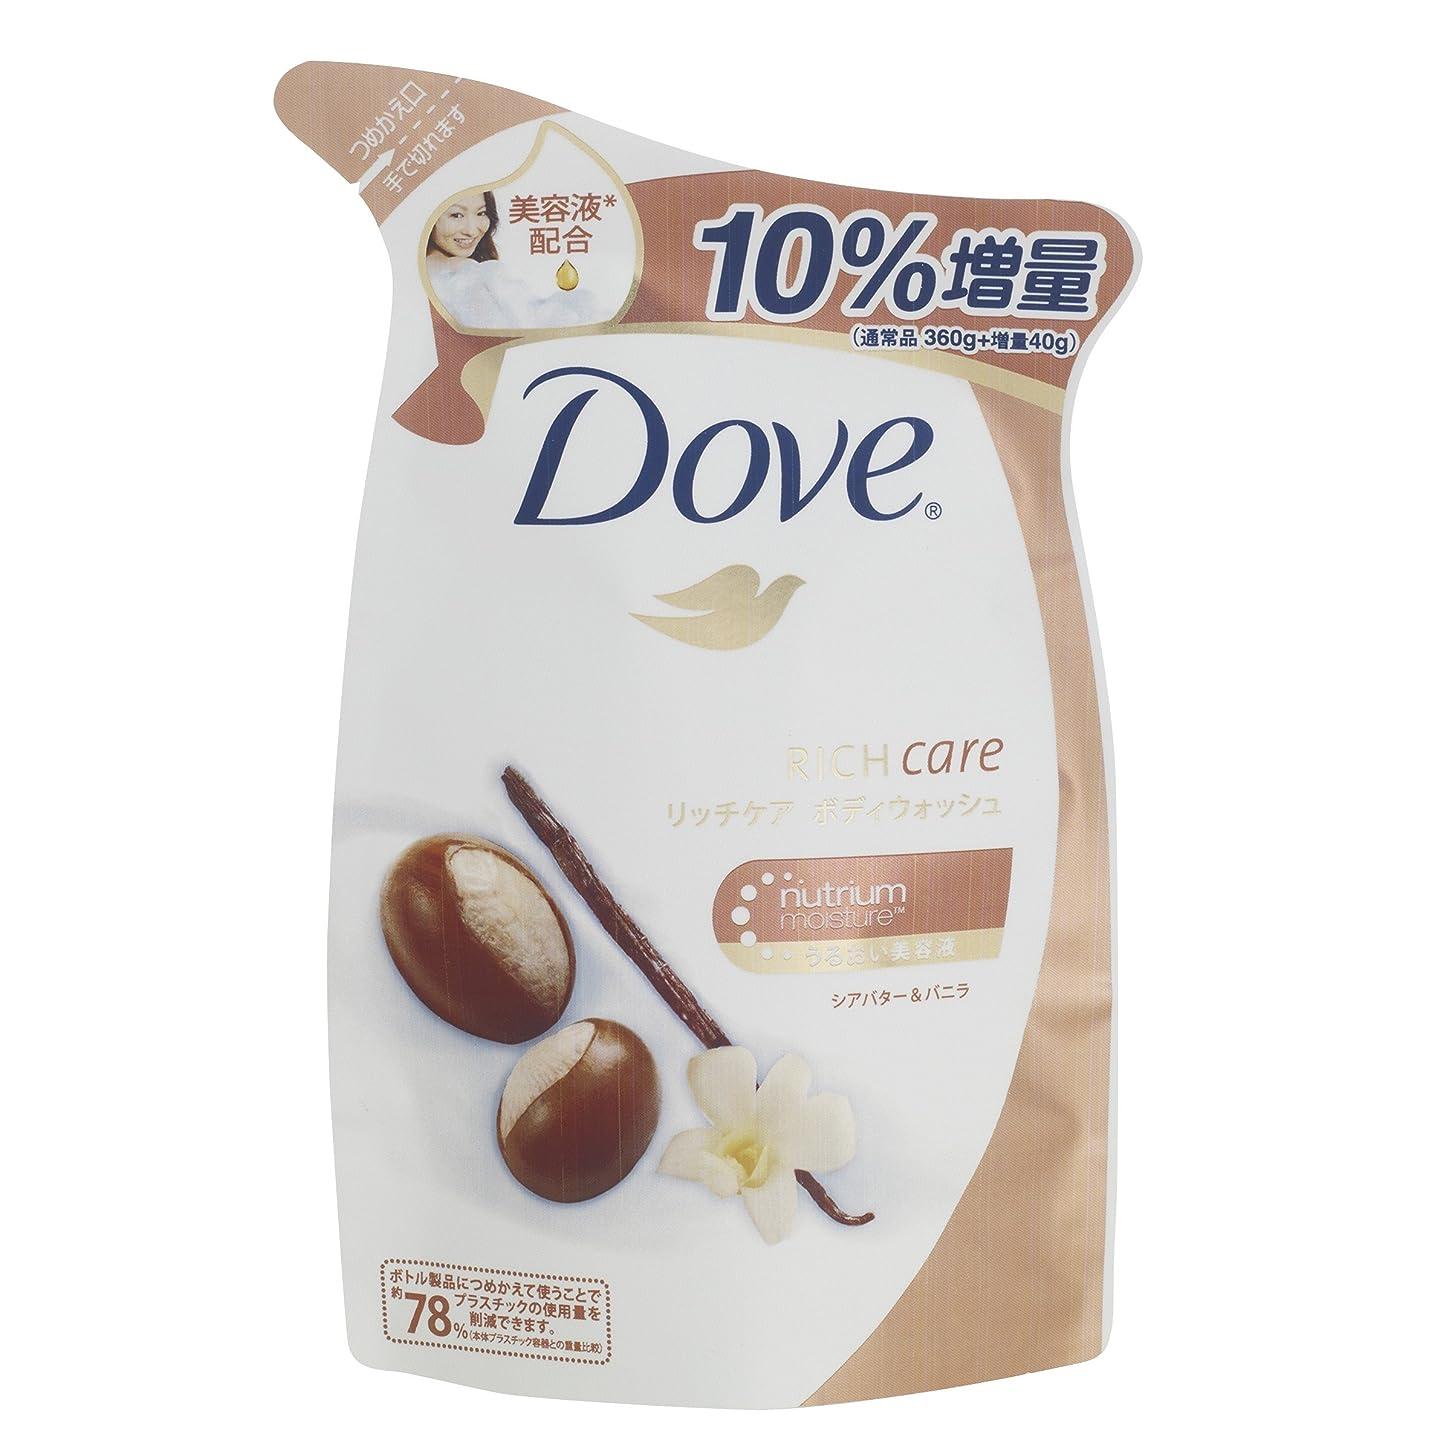 フォークはっきりしない過言ダヴ ボディウォッシュ リッチケア シアバター&バニラ つめかえ用 増量品 400g